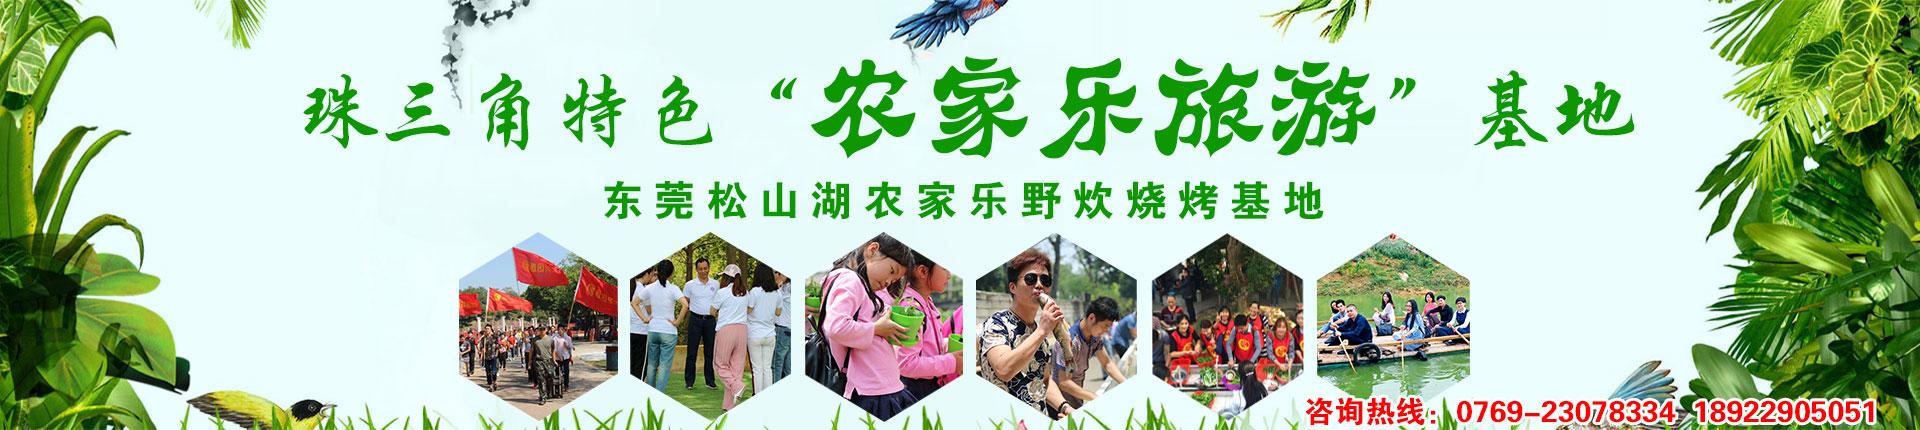 深圳農家樂旅游松湖生態園期待自駕游